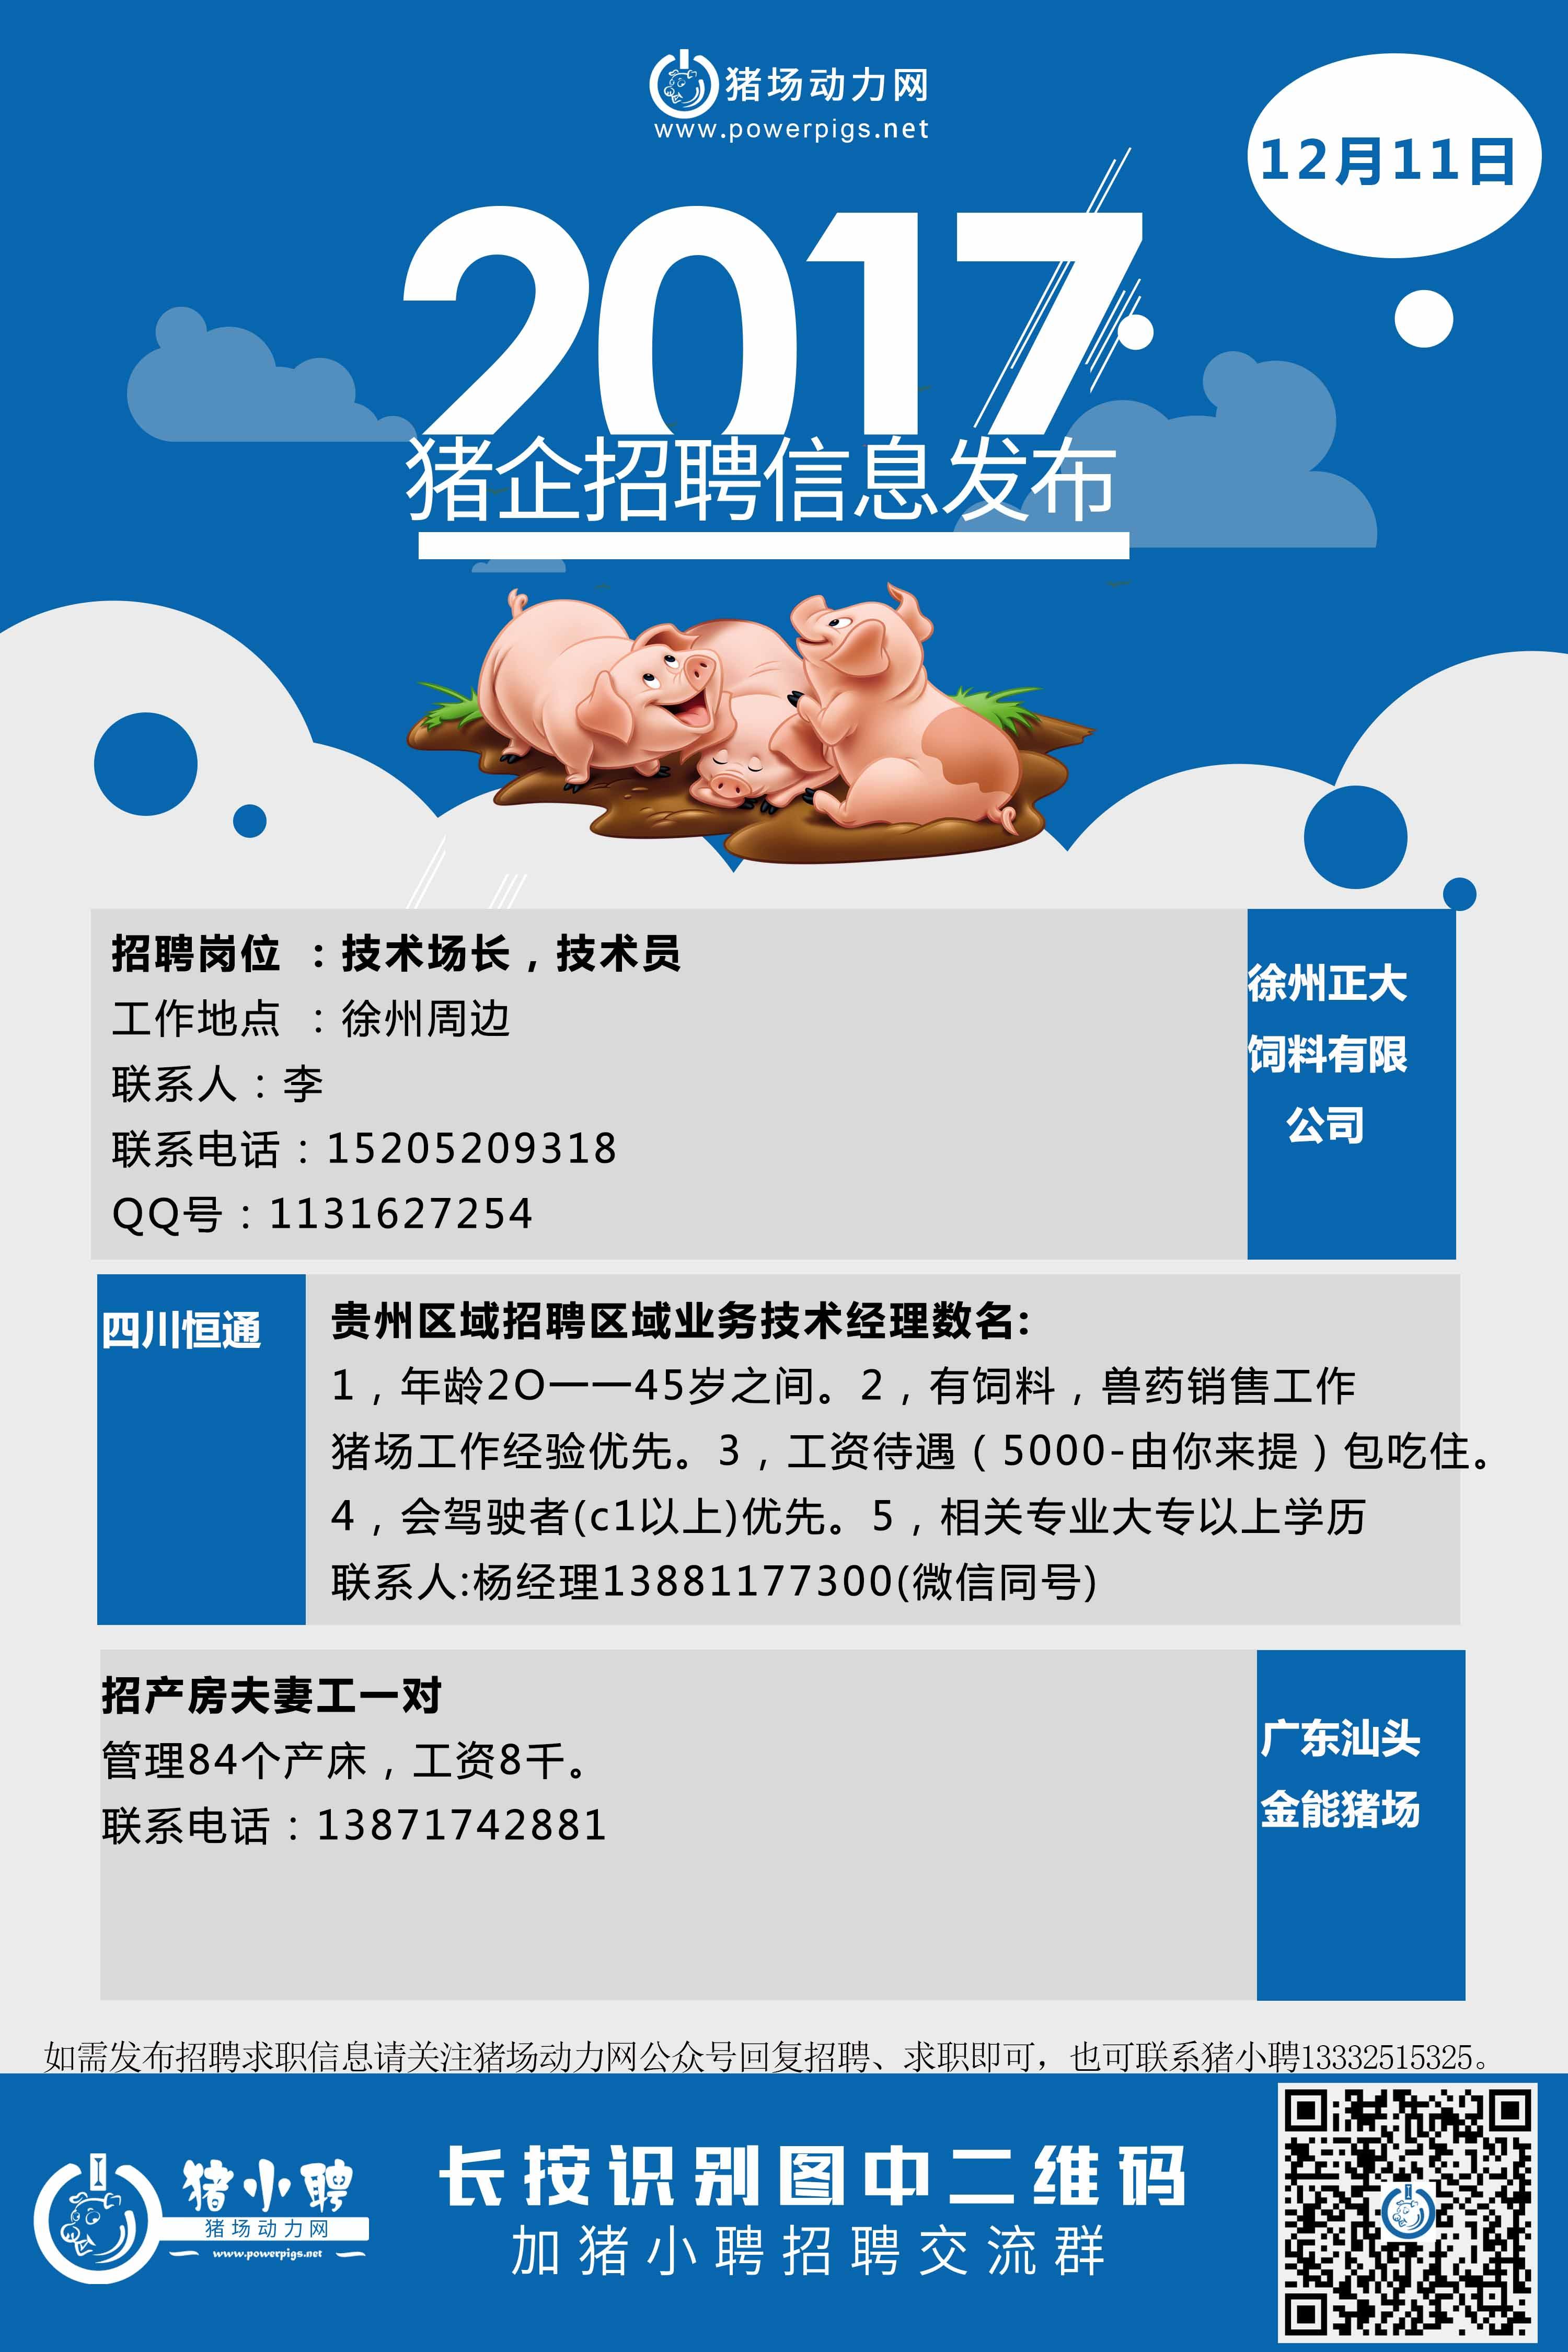 12.11日猪场招聘.jpg